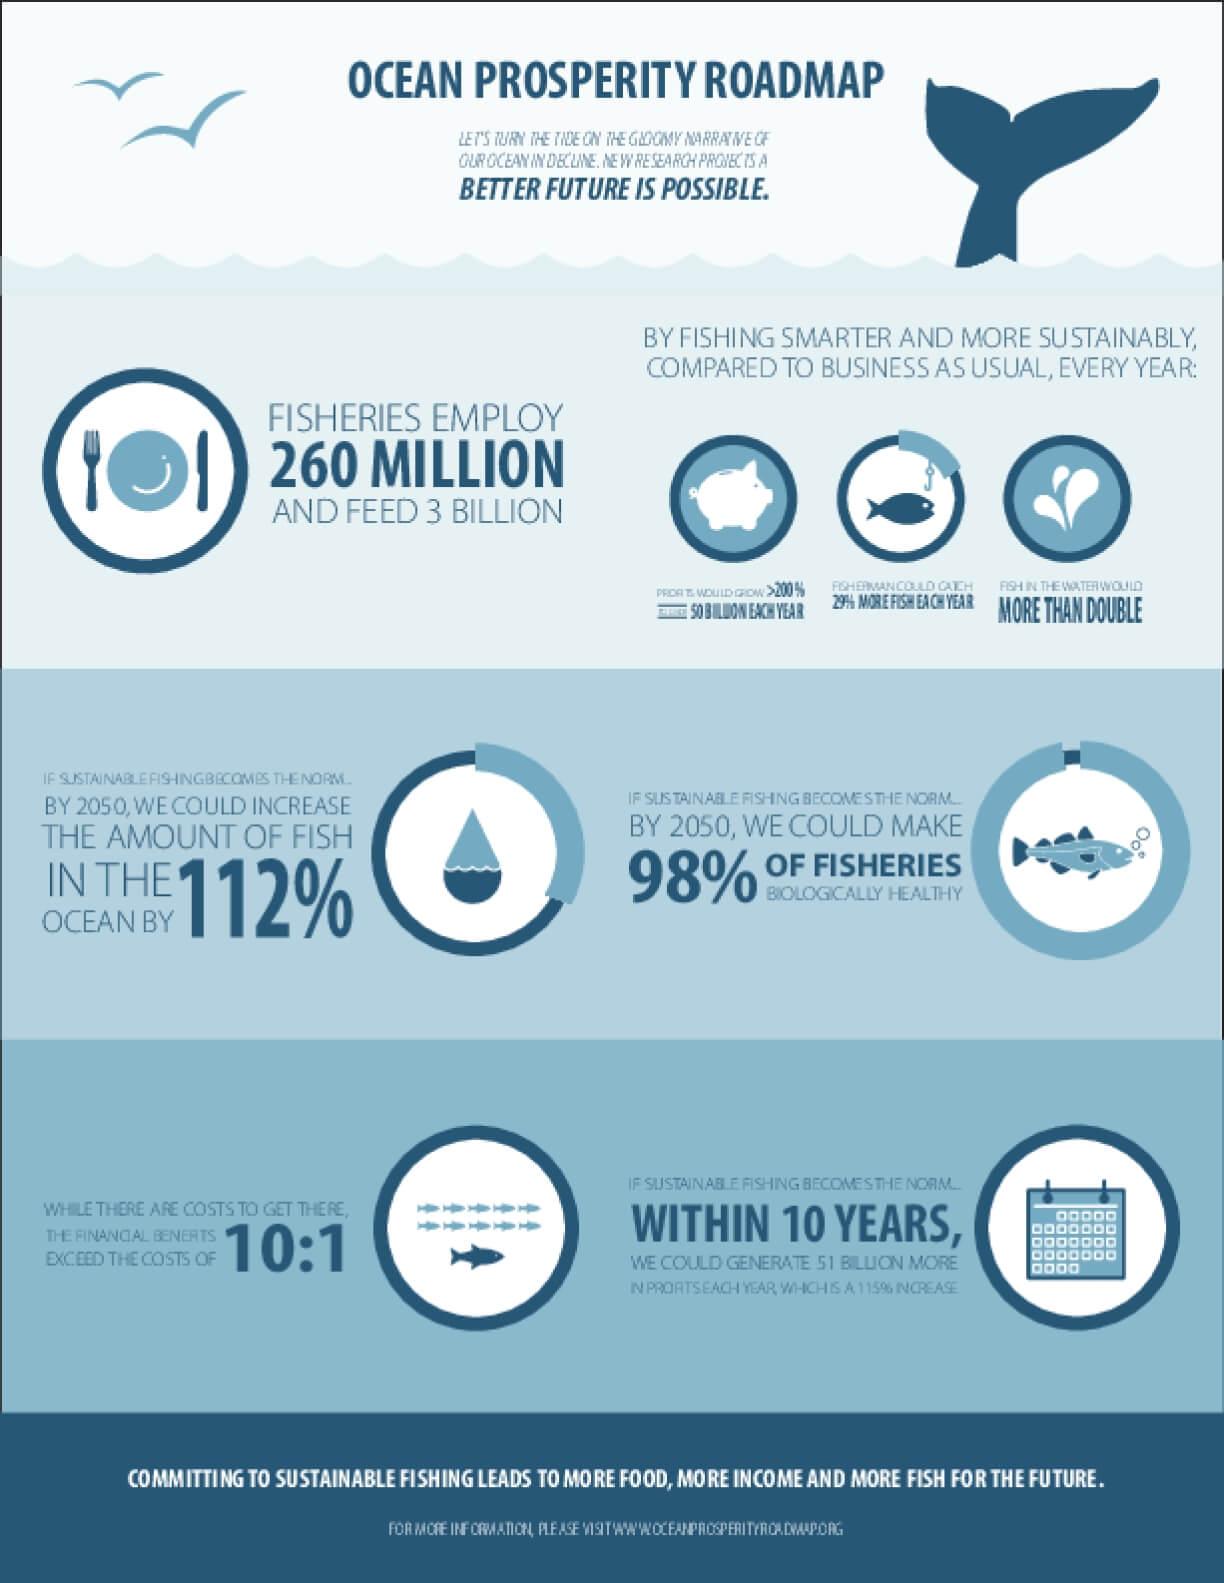 Ocean Prosperity Roadmap